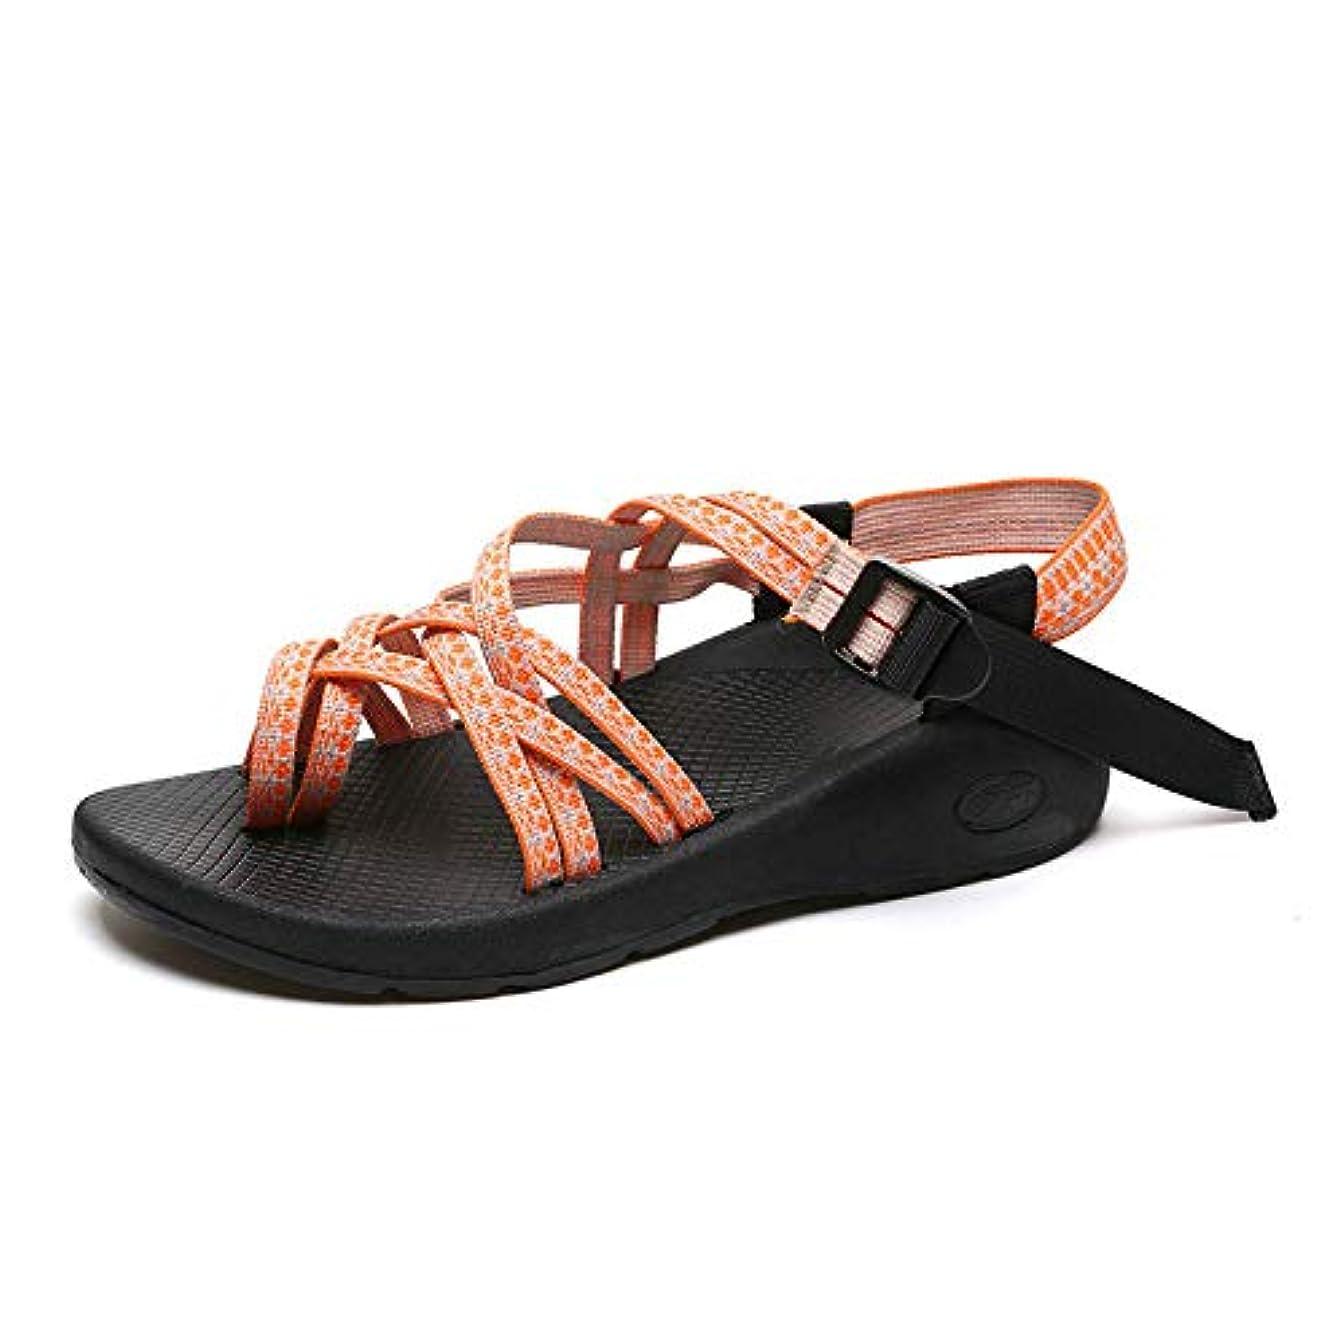 いつハシー振るうサンダル レディース サンダル 歩きやすい 旅行 女の子 サンダル 夏/ファッション/カジュアル/レディースサンダル/ファッション靴 (42サイズ、26cm)